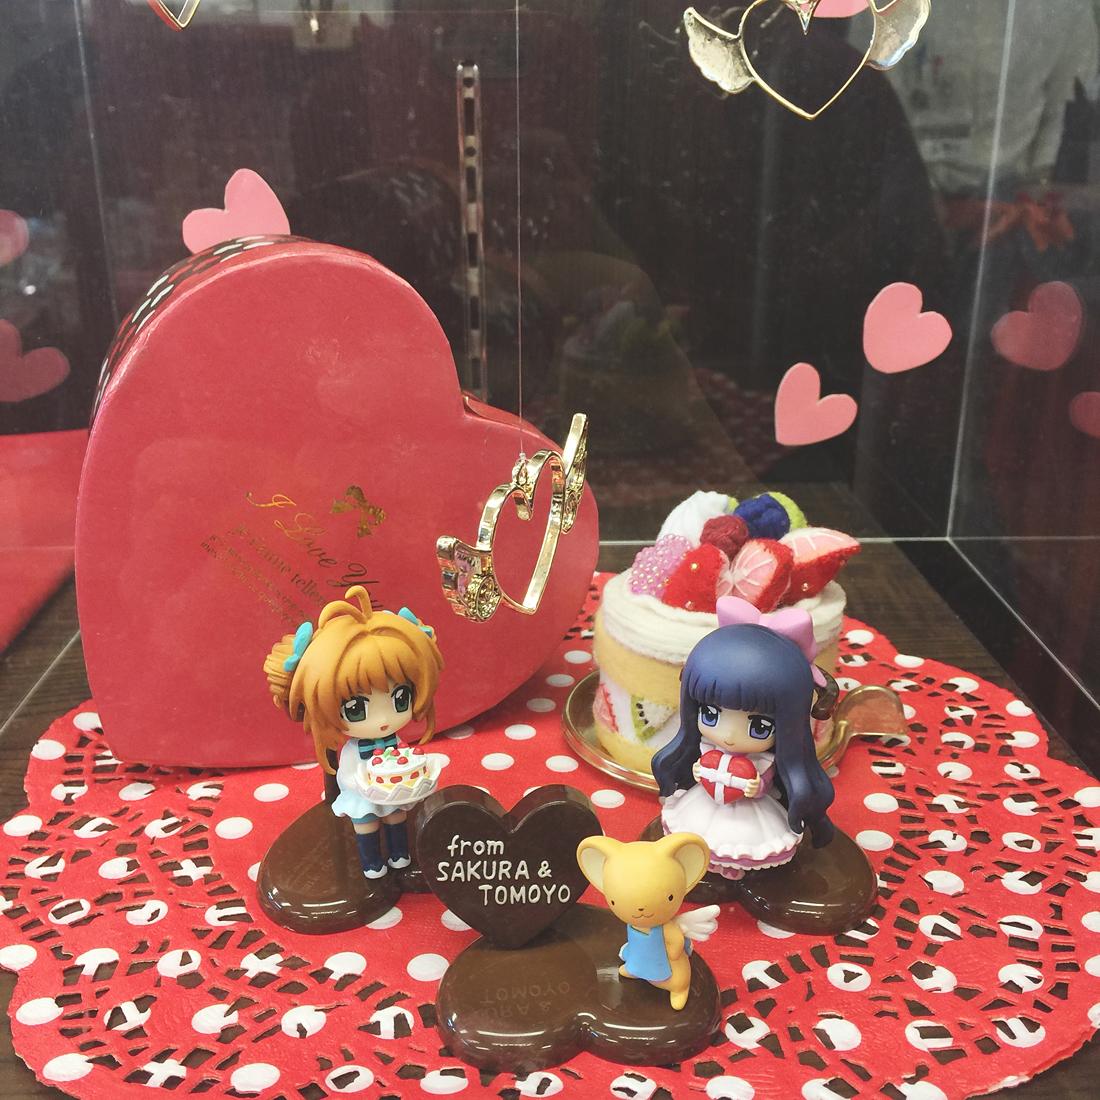 cardcaptor-sakura-animate-cafe-ikebukuro-tokyo-rainbowholic8